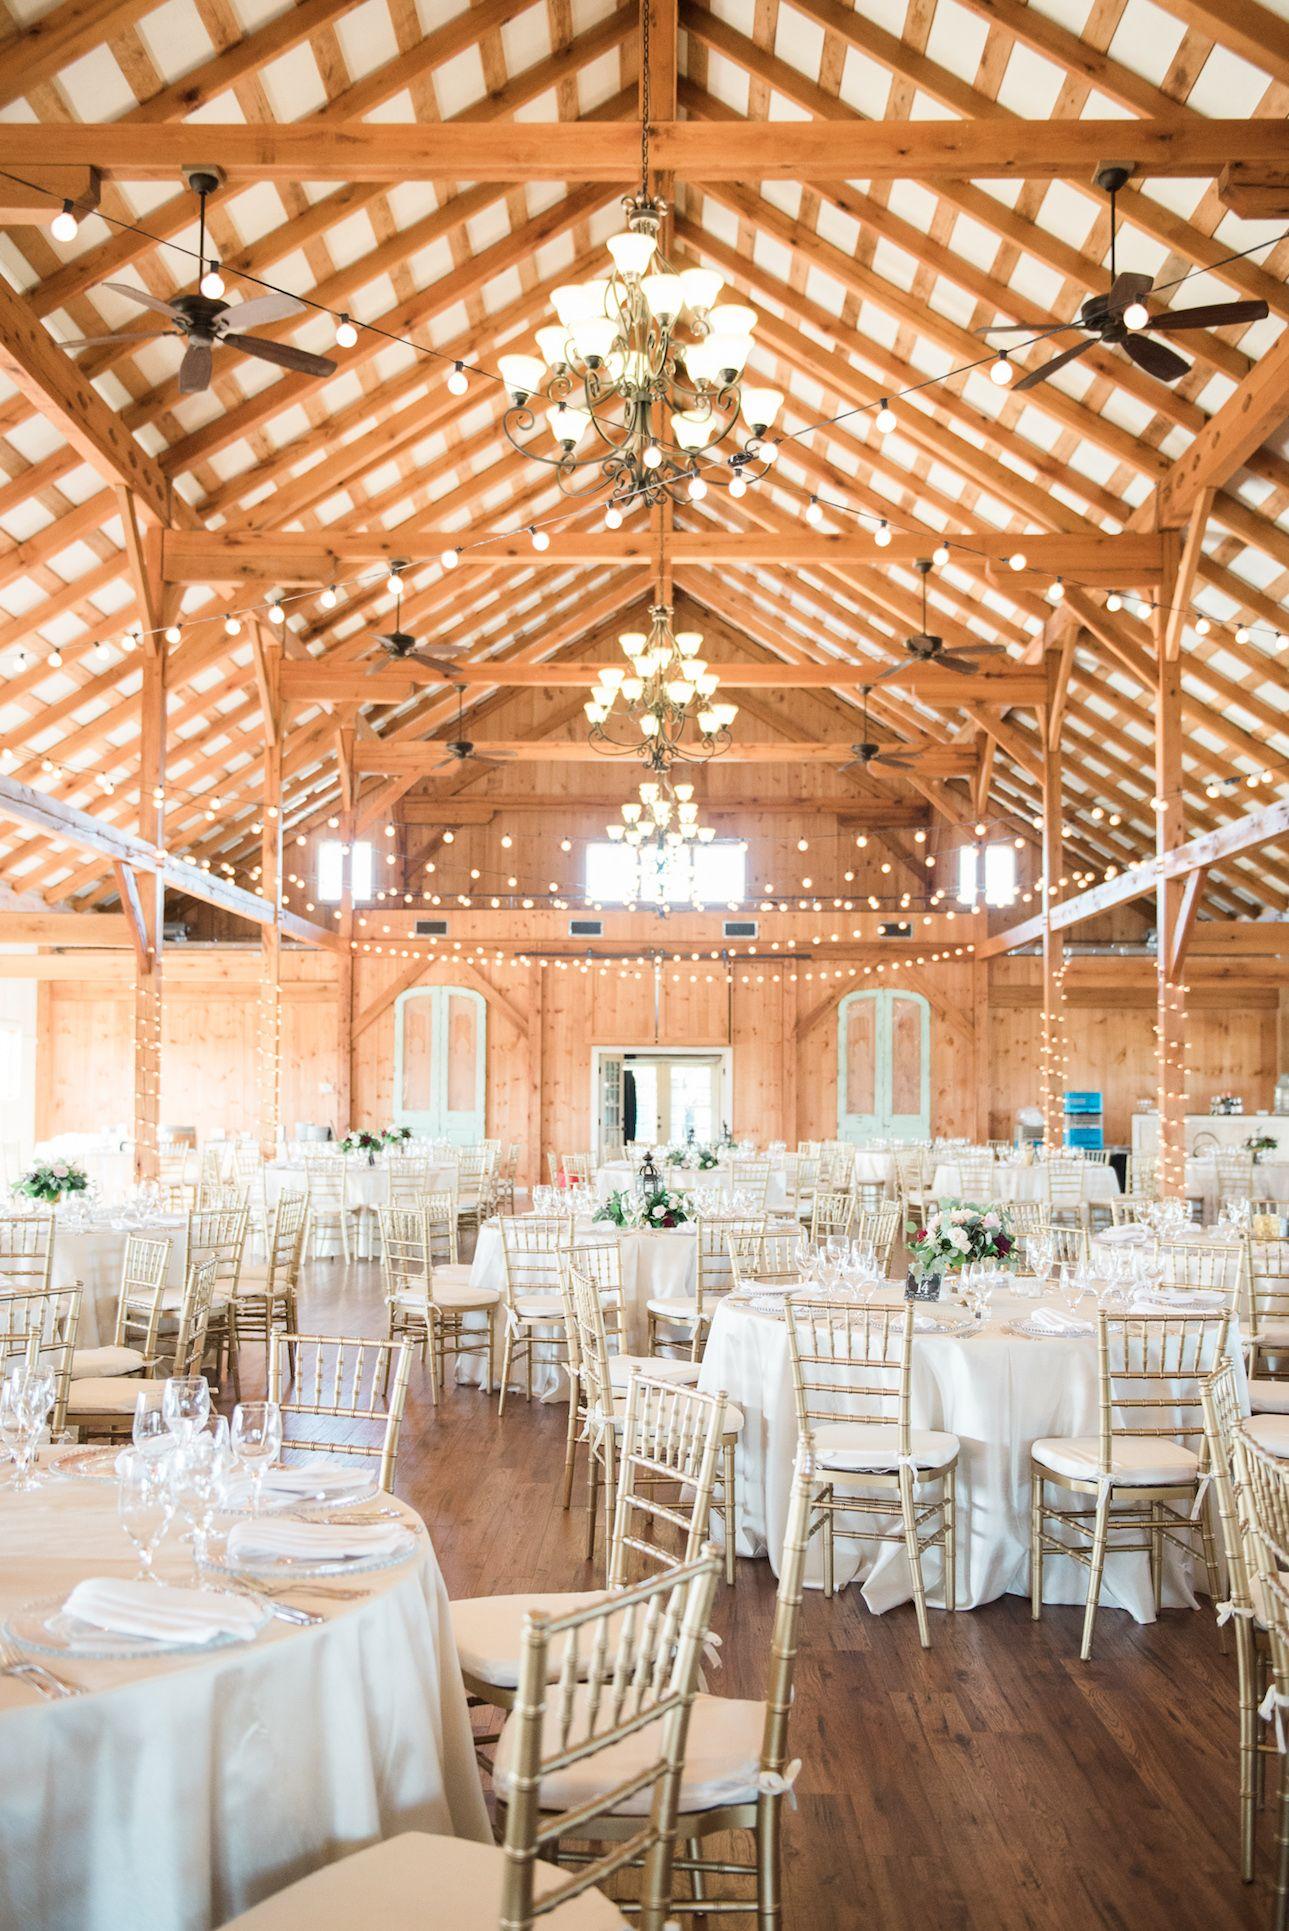 Eddy ashley barn wedding venue rustic wedding venues